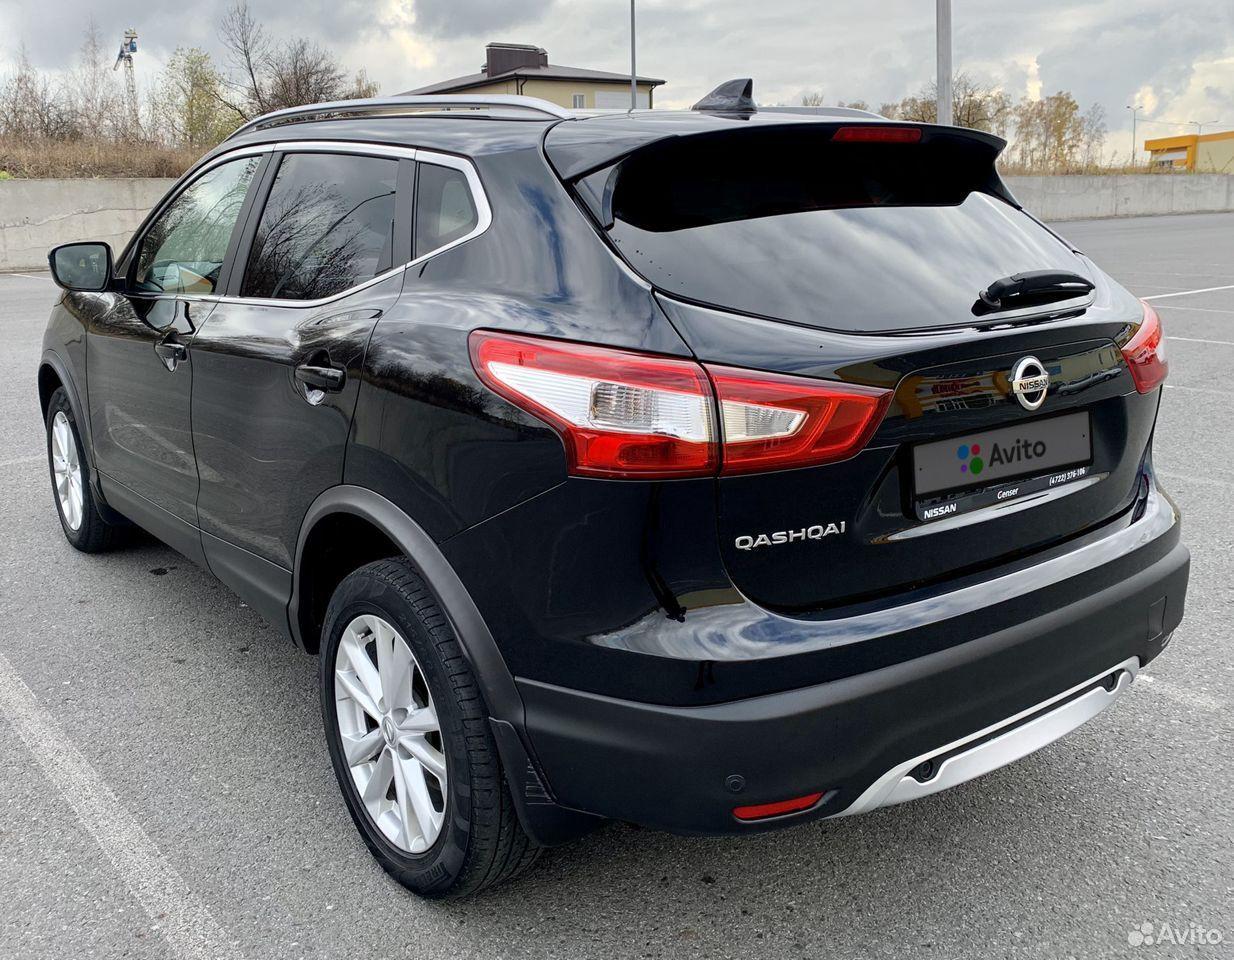 Nissan Qashqai, 2017 89045348560 купить 8